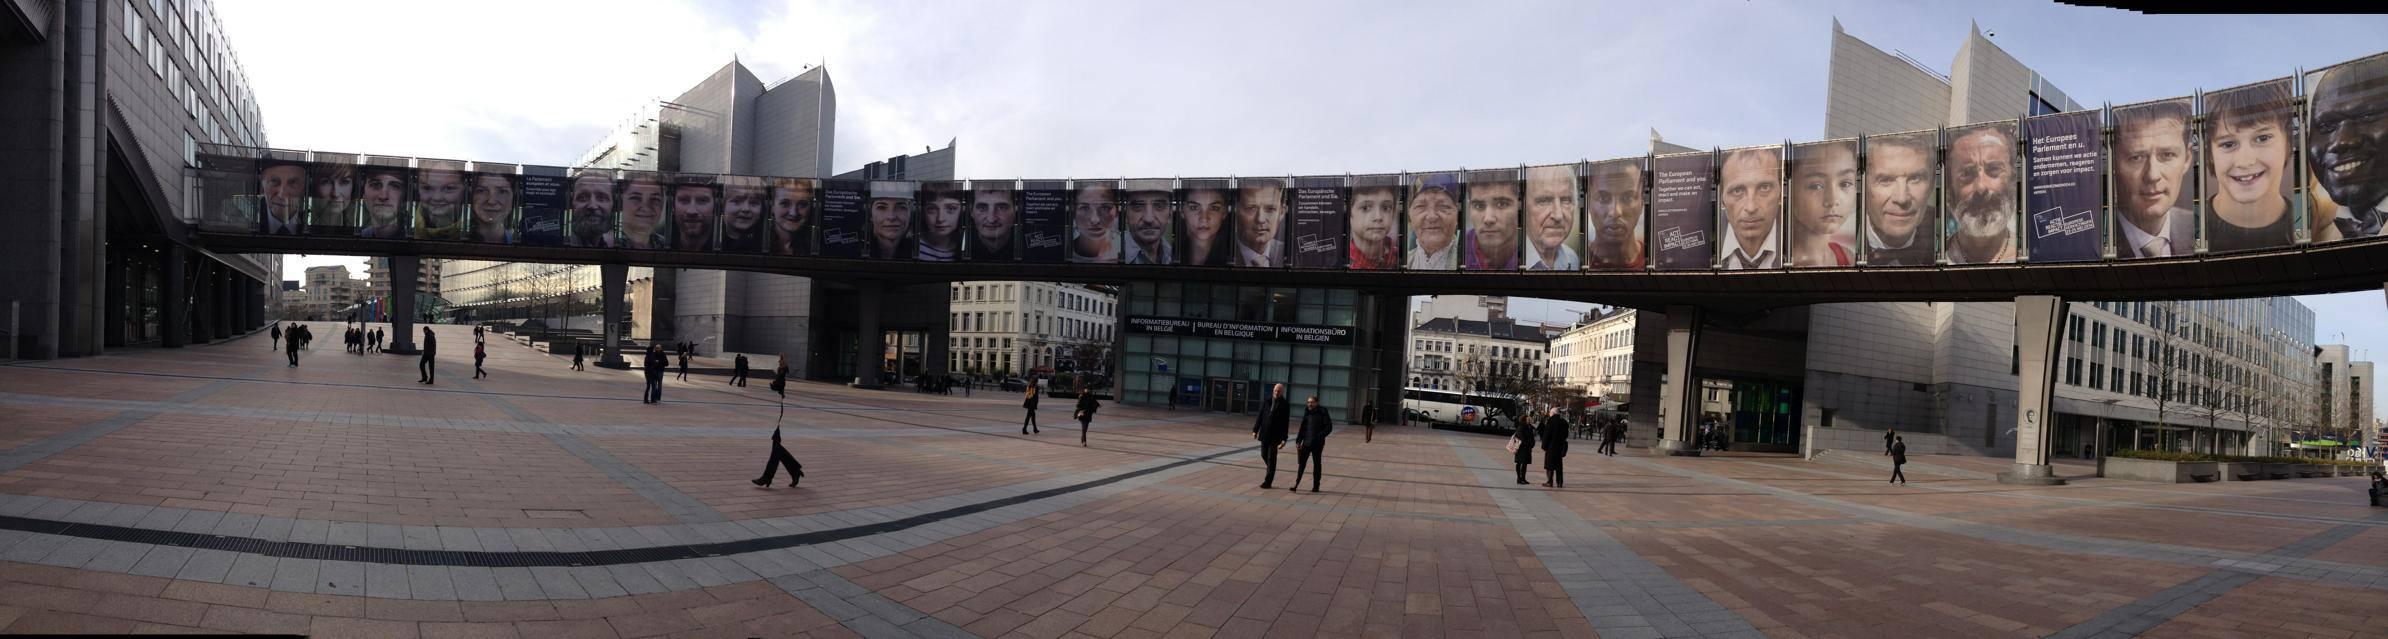 Il trailer presentato al parlamento europeo emergency for Oggi al parlamento